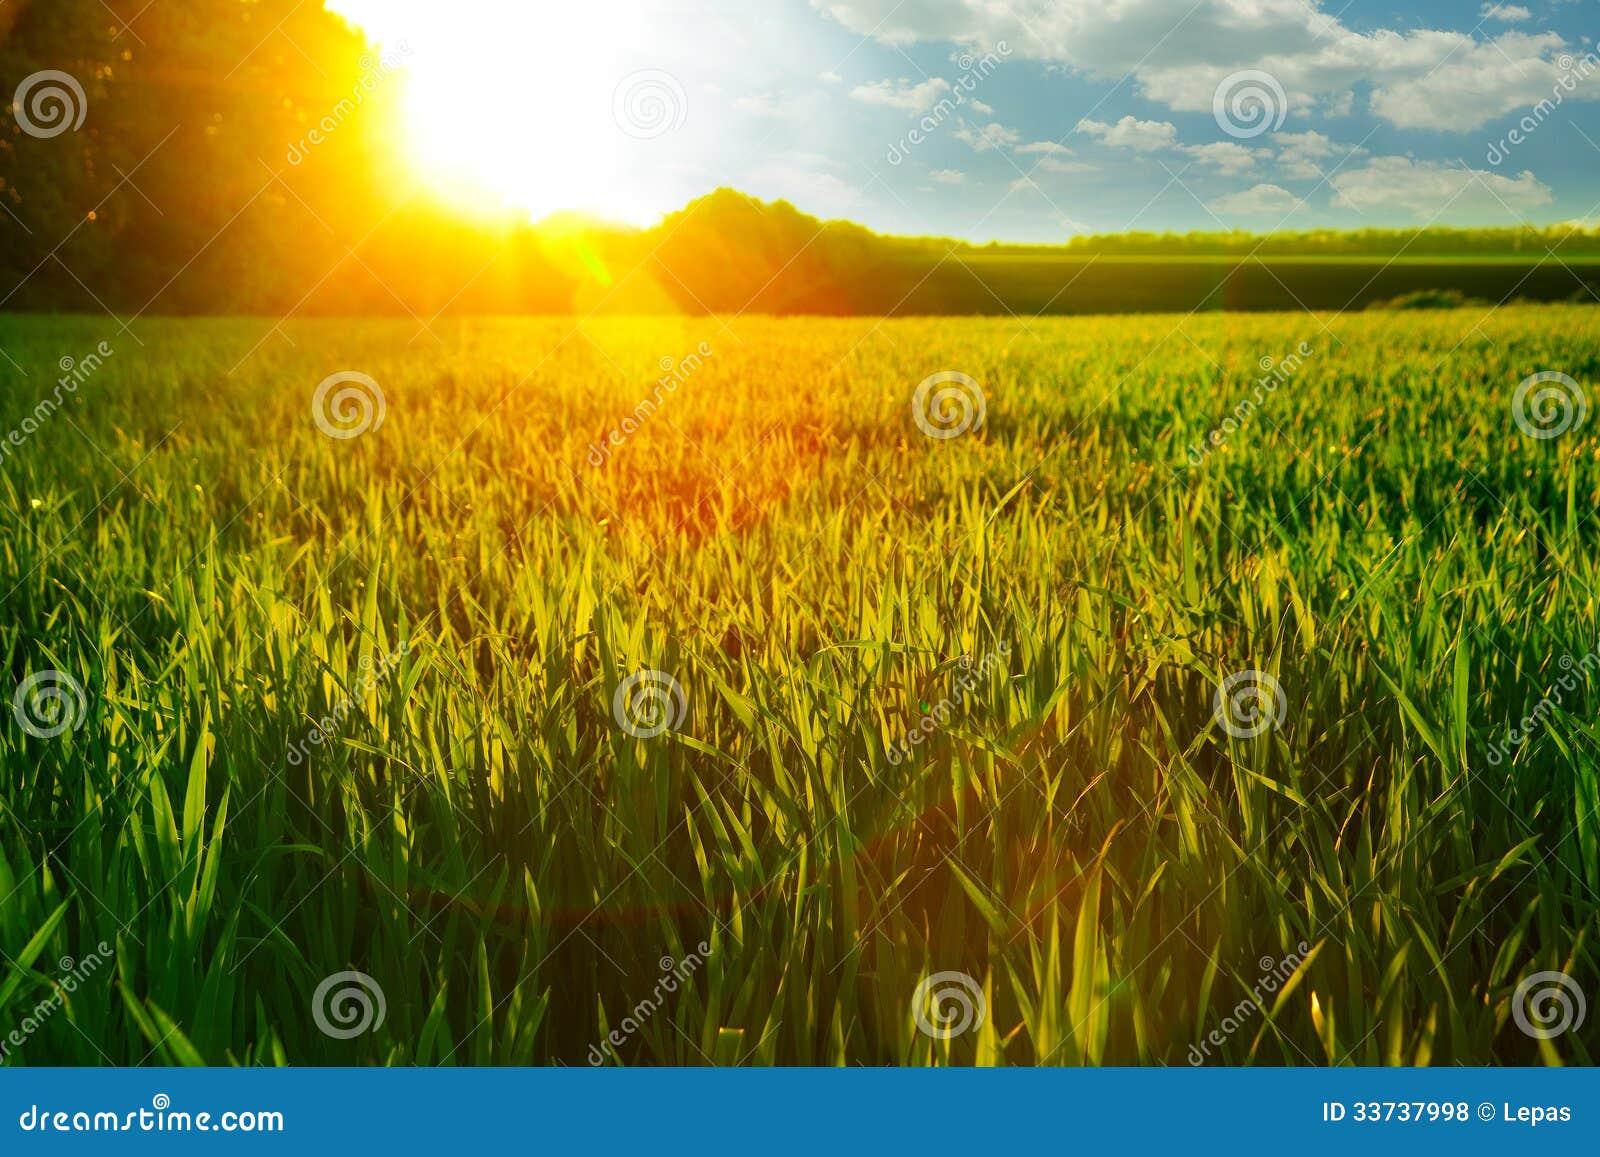 Рассвет на пшеничном поле